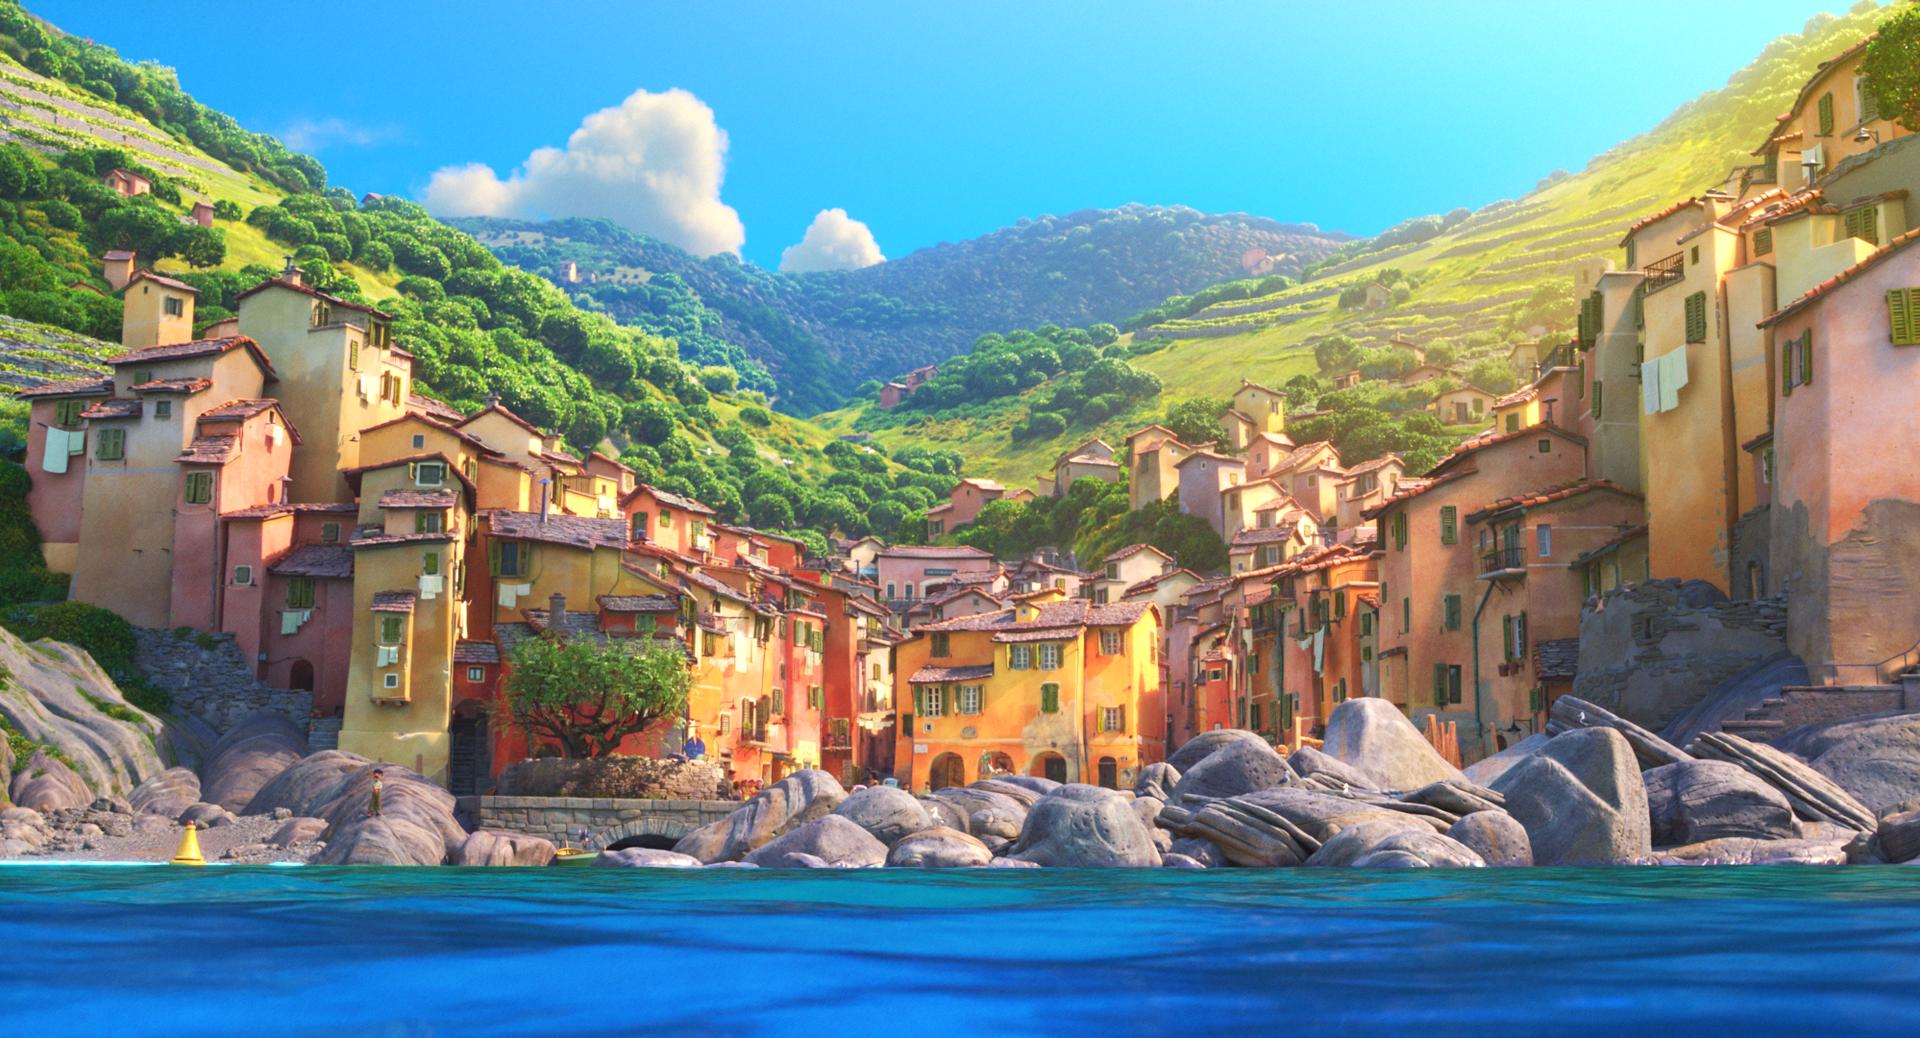 Una vista de Portorosso. © 2021 Disney/Pixar. All Rights Reserved.